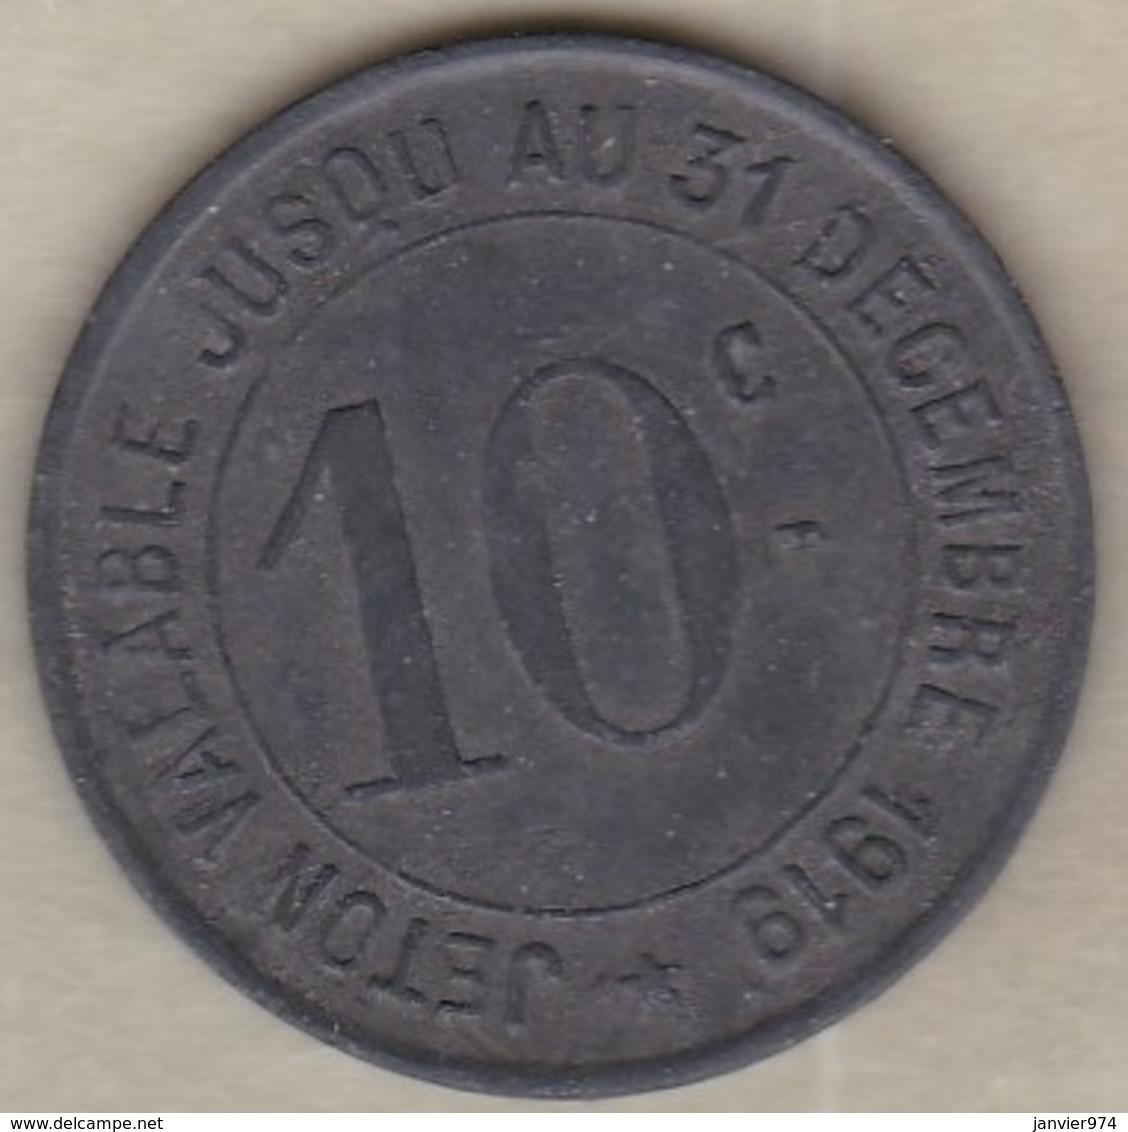 81. Tarn. Carmaux. Société Des Mines. 10 Centimes 1917, En Zinc - Monétaires / De Nécessité